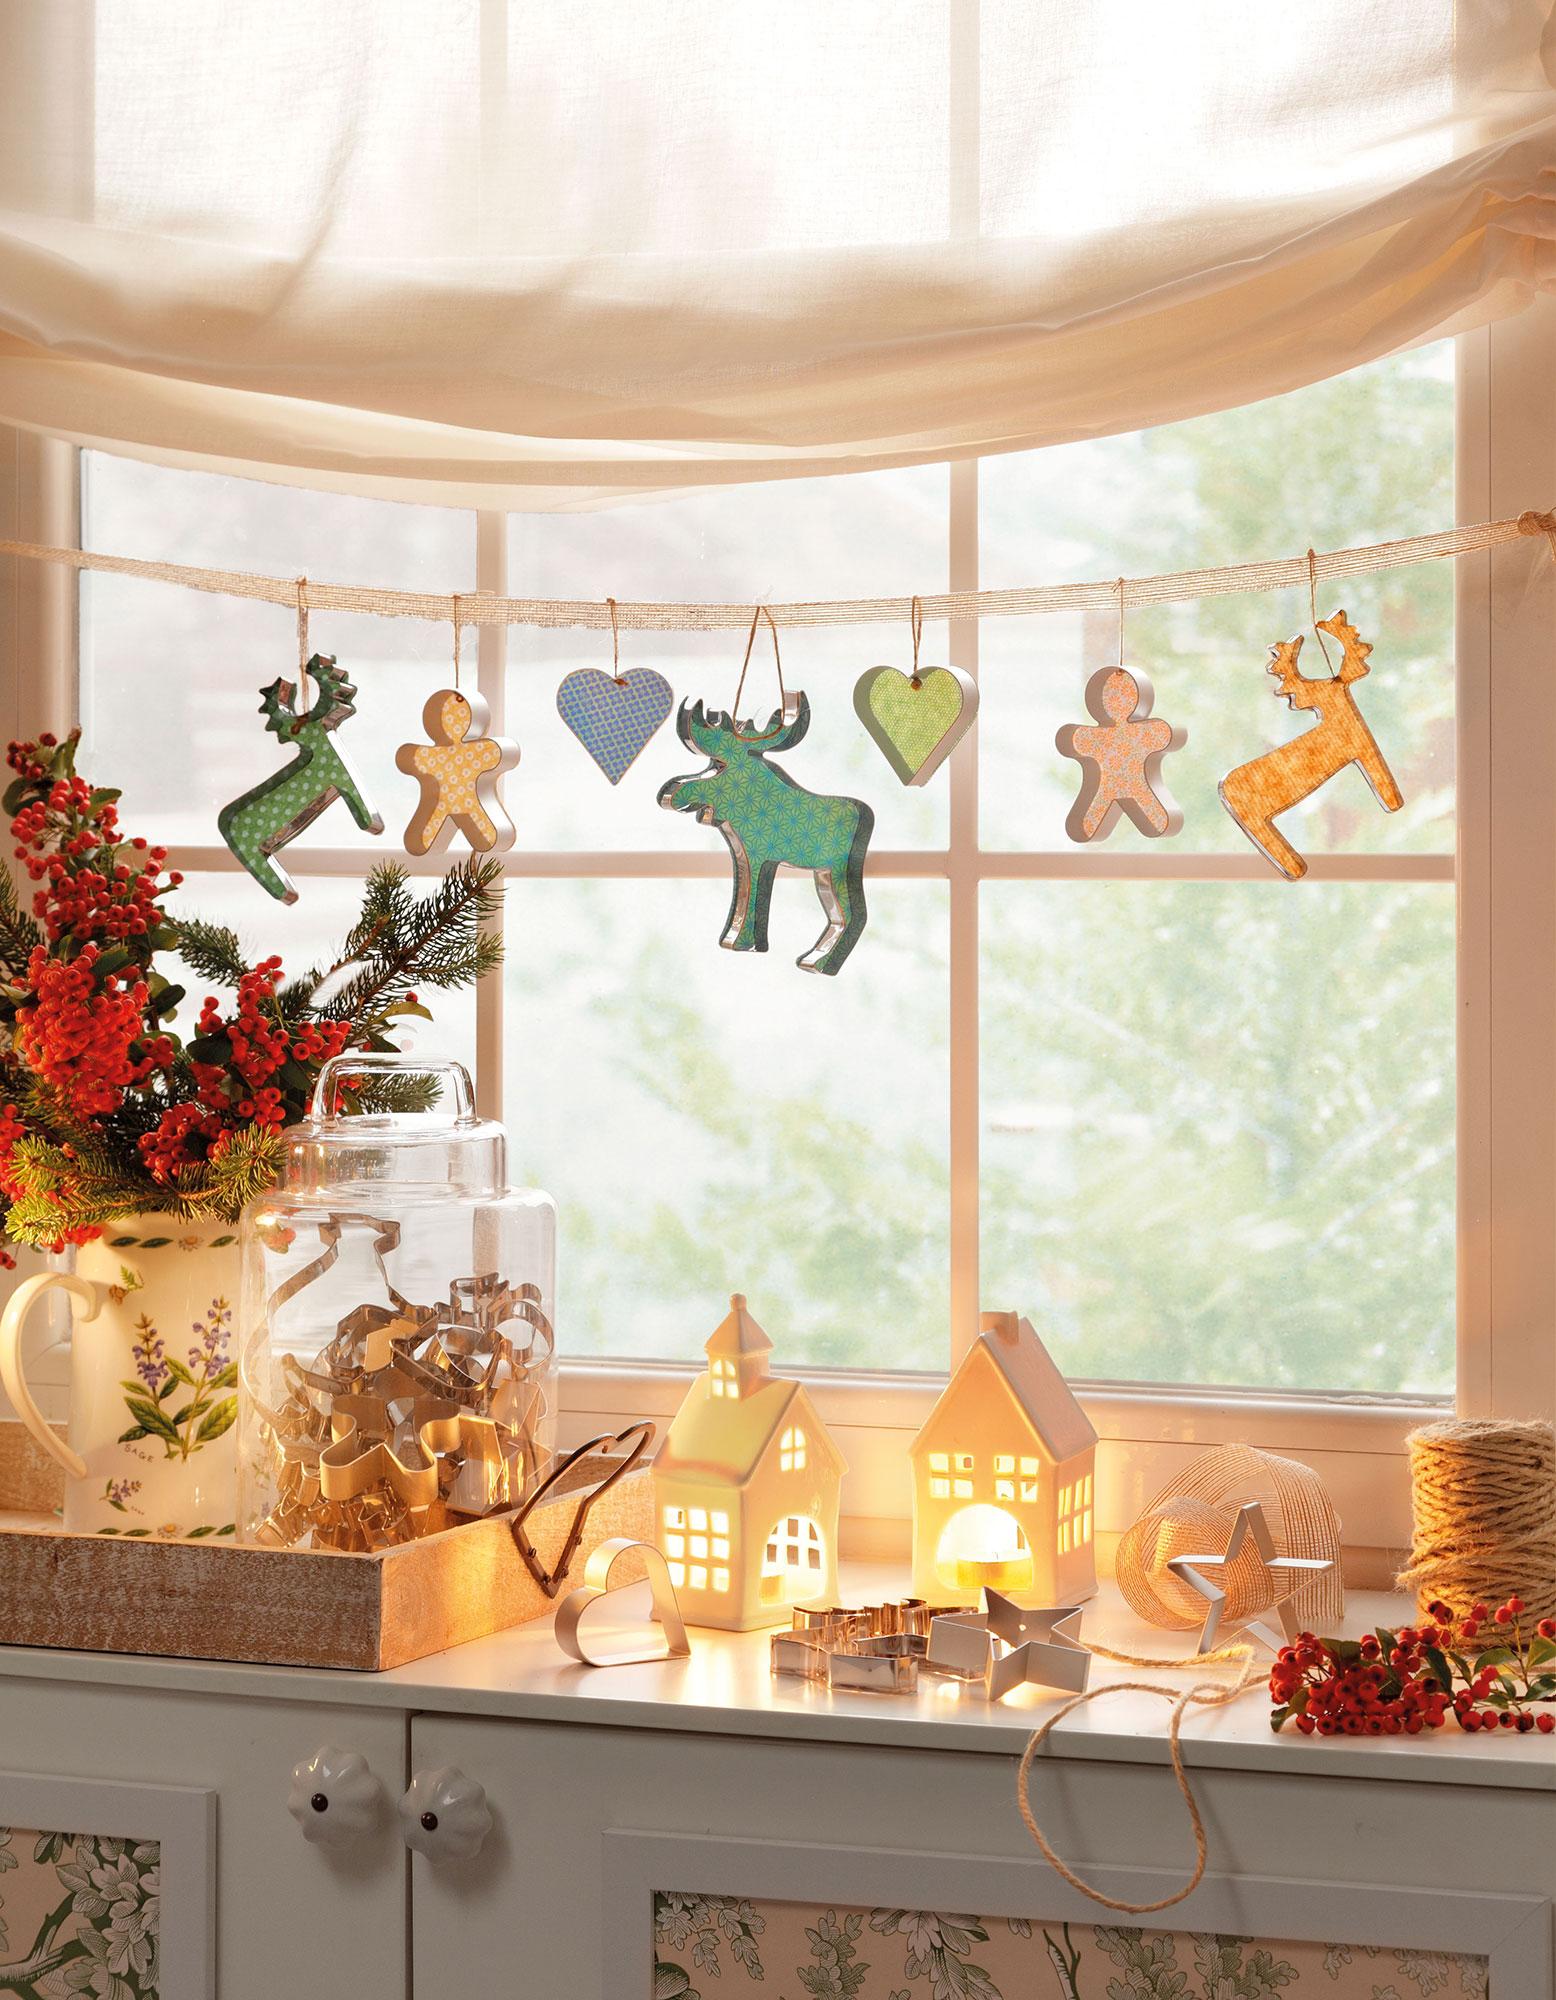 15 ideas para decorar de navidad un piso peque o - Ideas para decorar estrellas de navidad ...